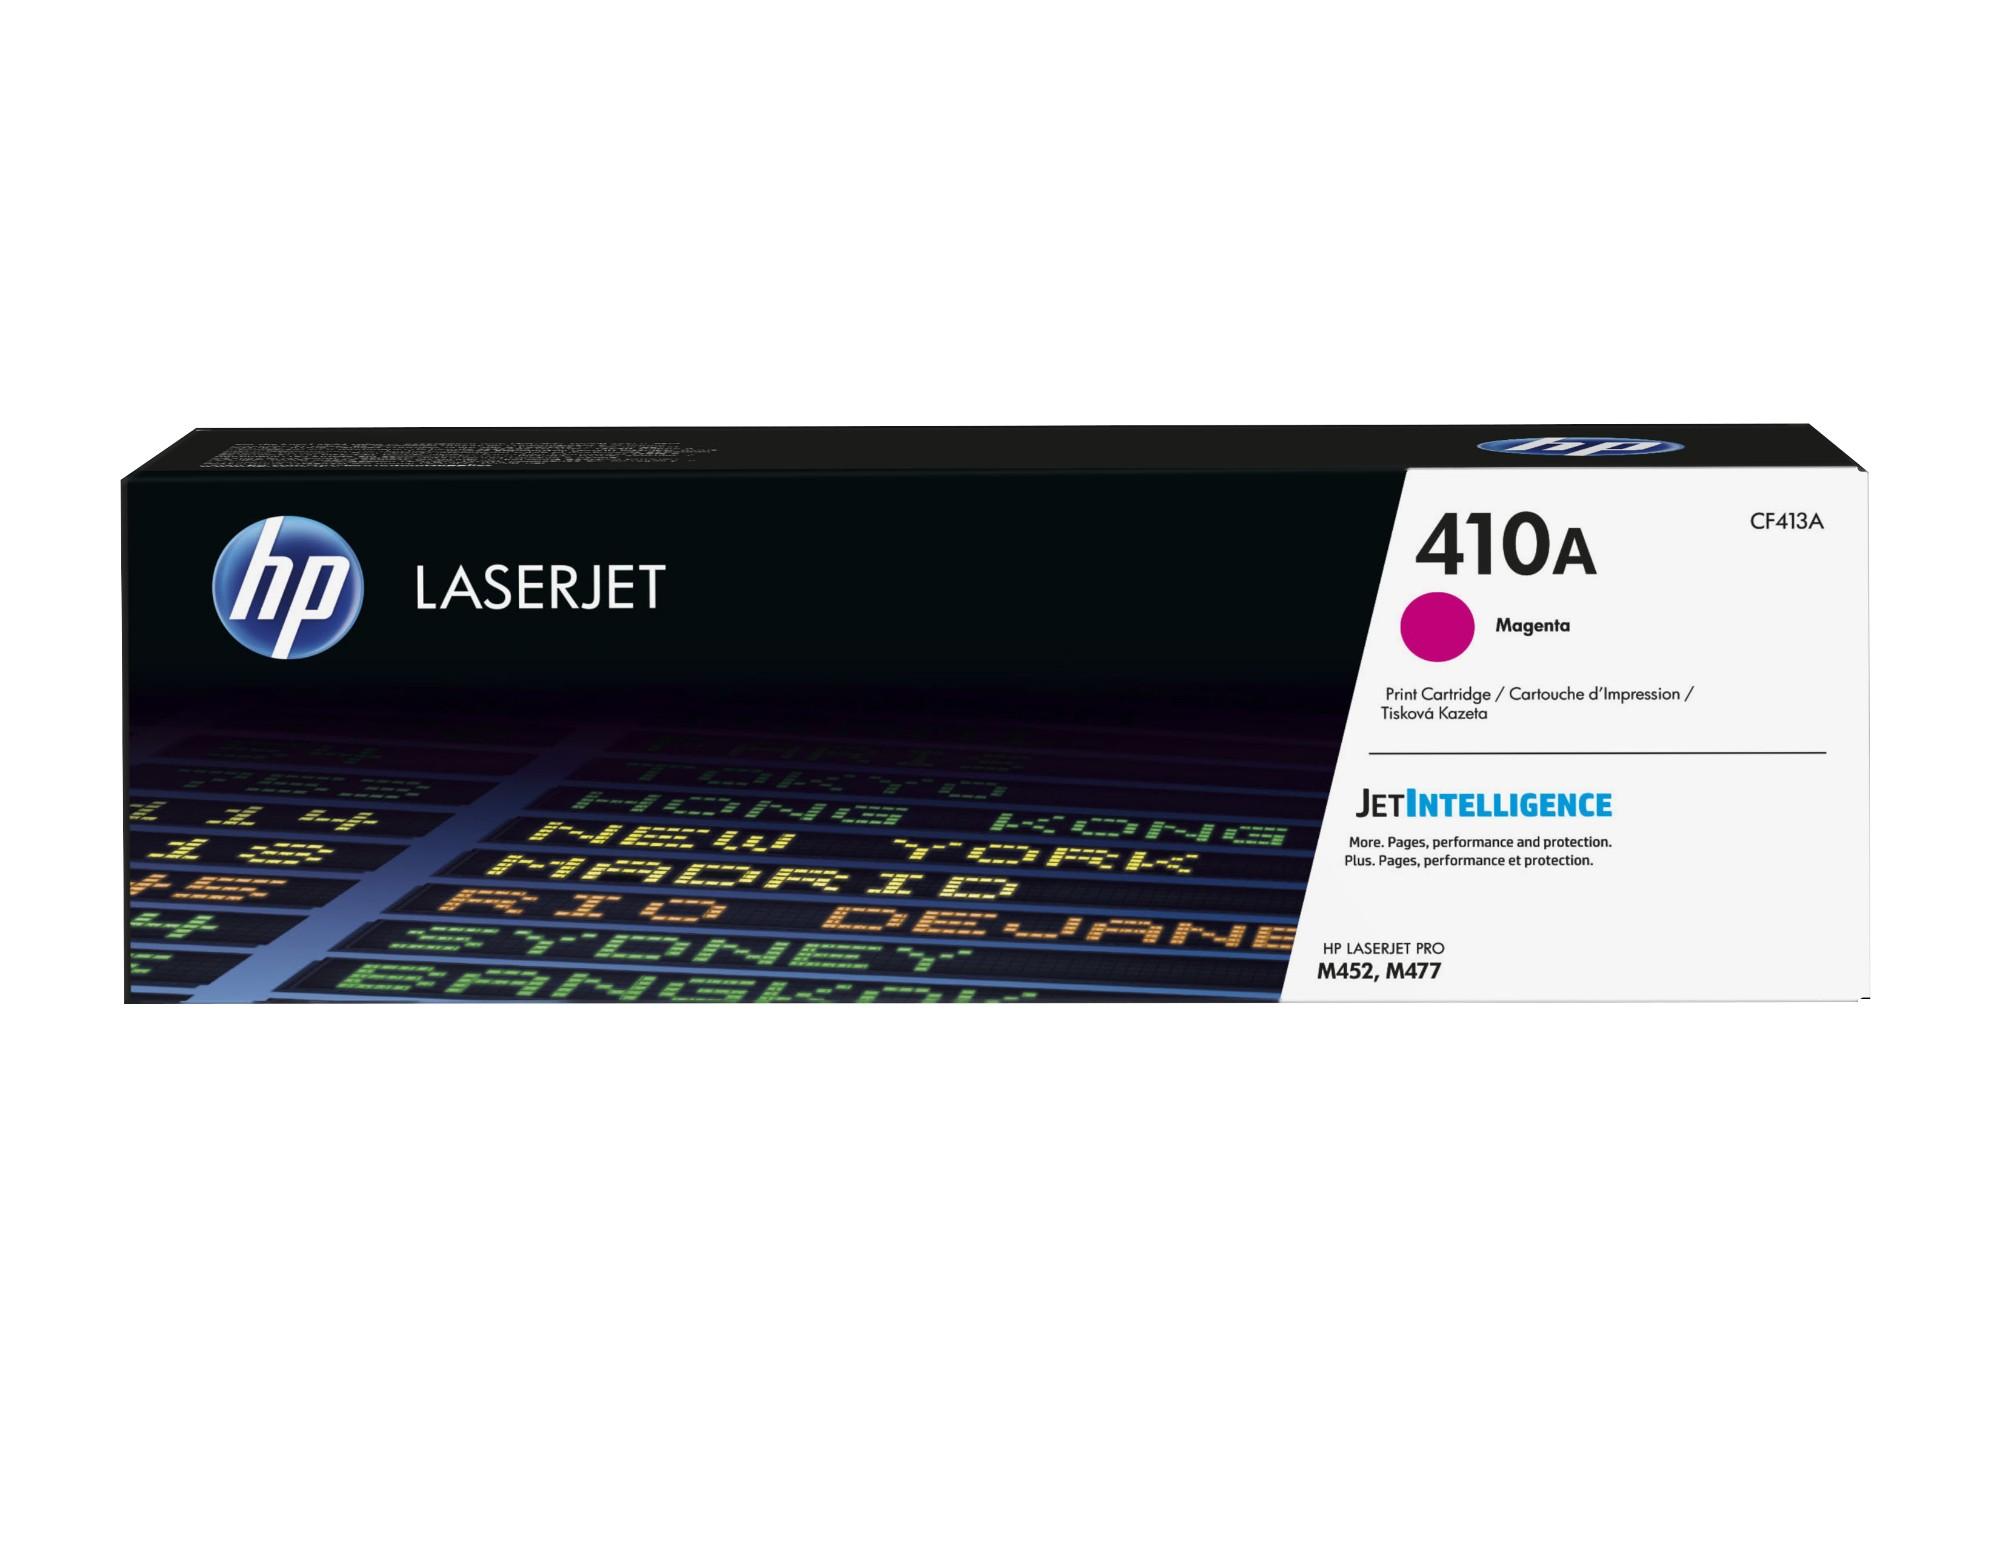 HP CF413A (410A) Toner magenta, 2.3K pages